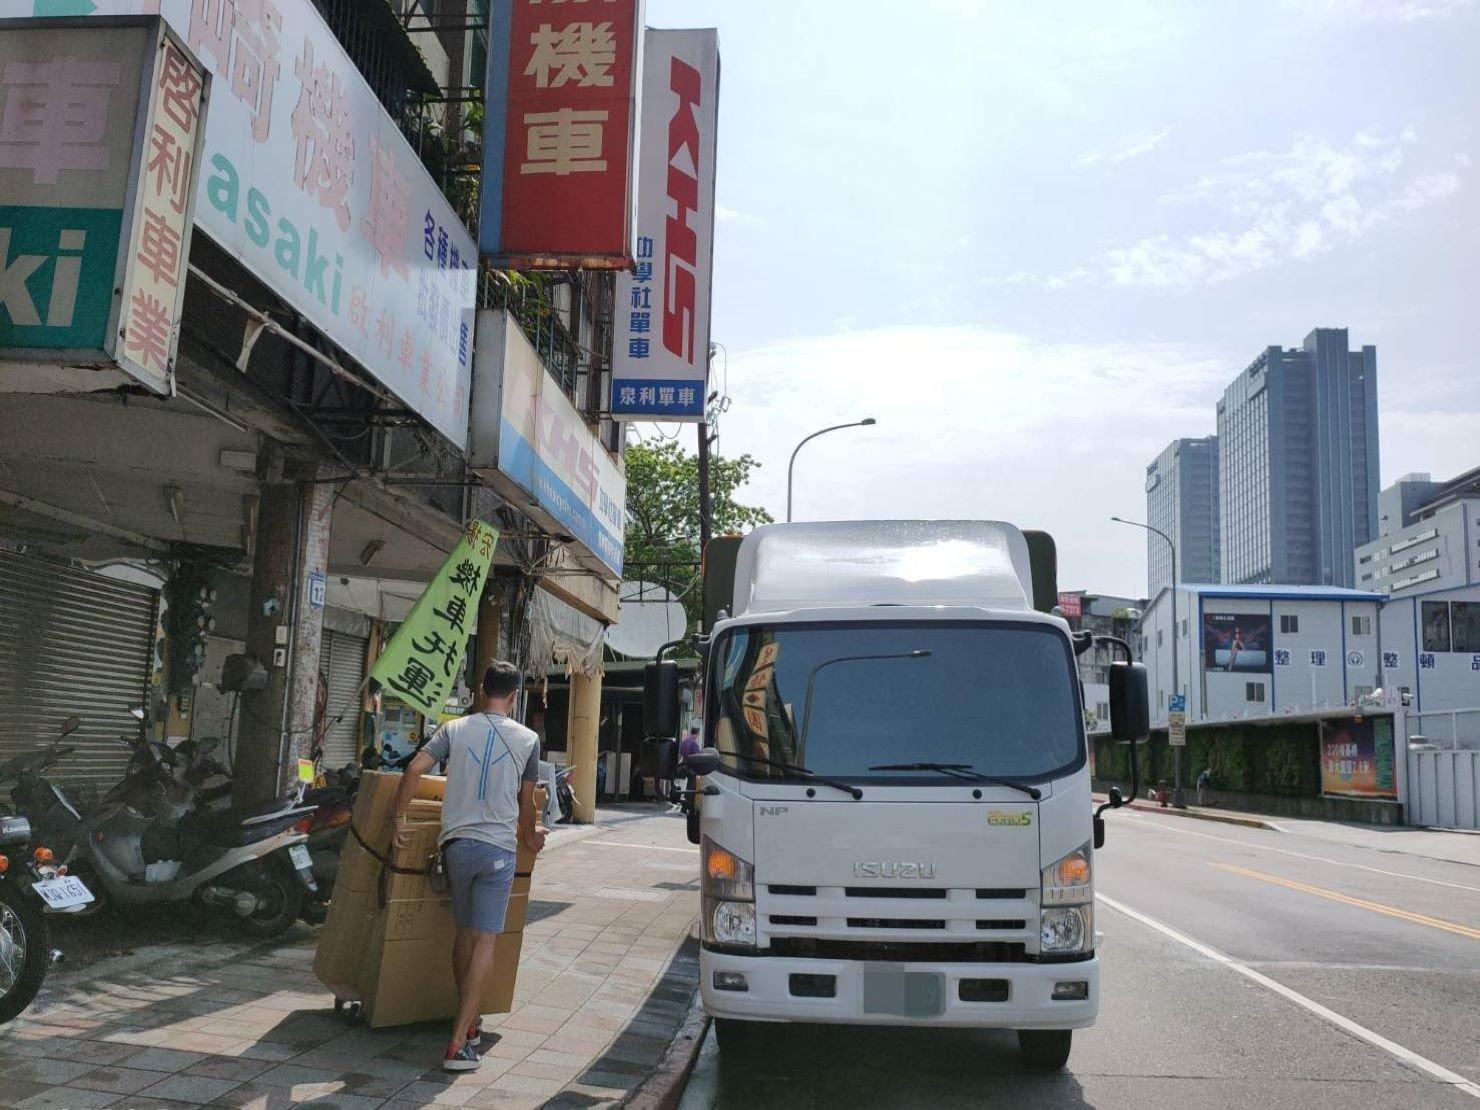 公司搬遷【榮福搬家】台北搬家、搬公司給您最有品質最優質搬家、最安全的搬運服務:專車運送紙箱